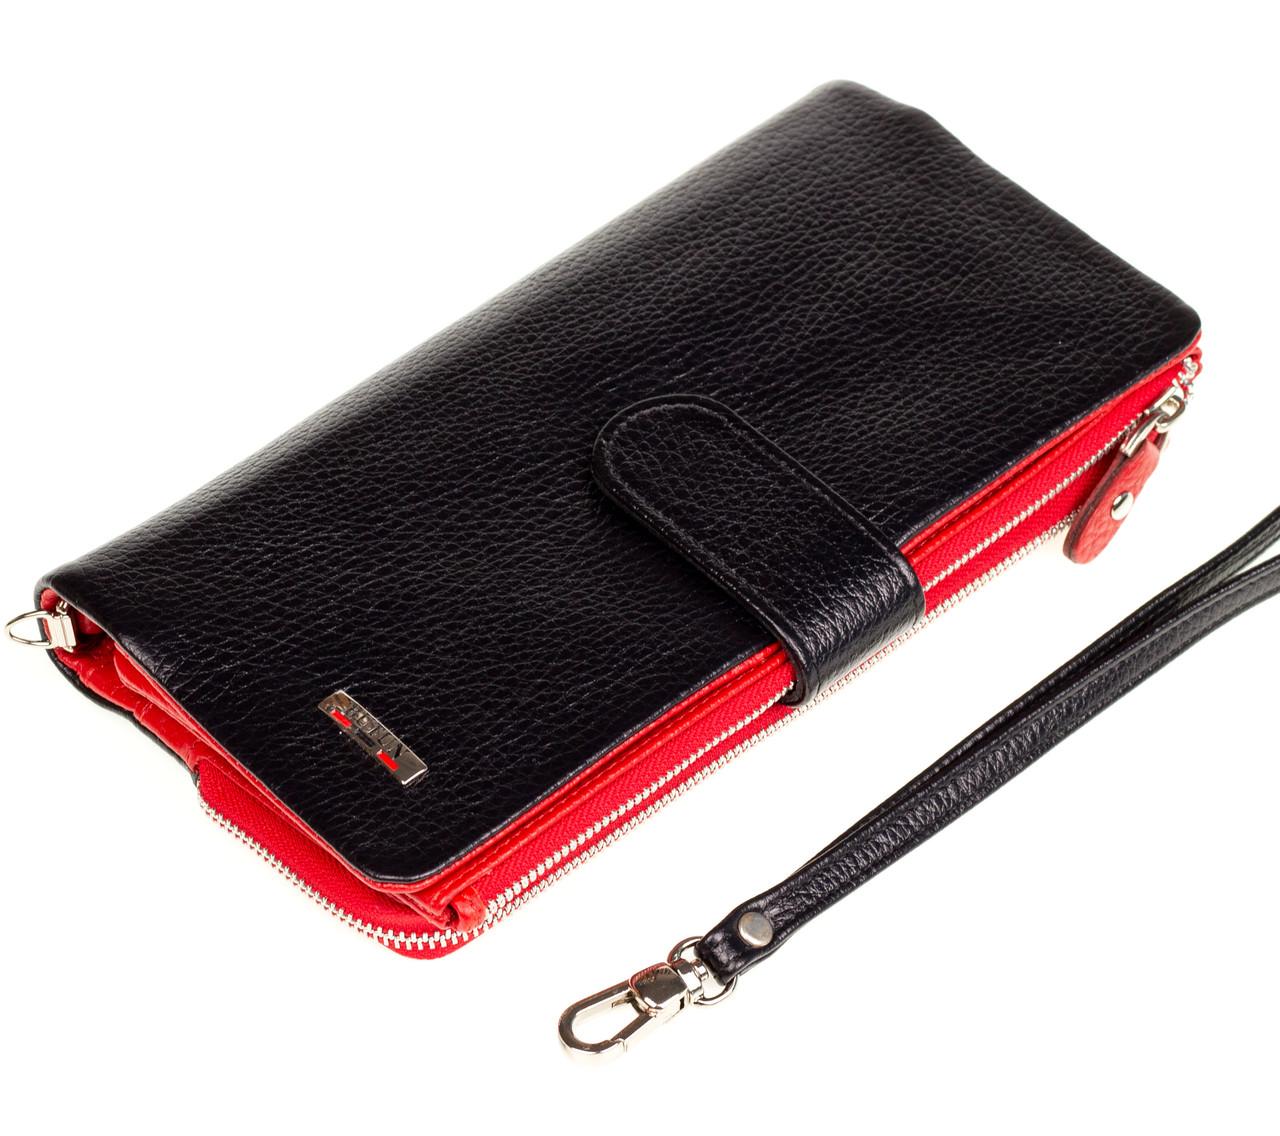 Жіночий гаманець клатч BUTUN 022-004-039 шкіряний чорний з червоним